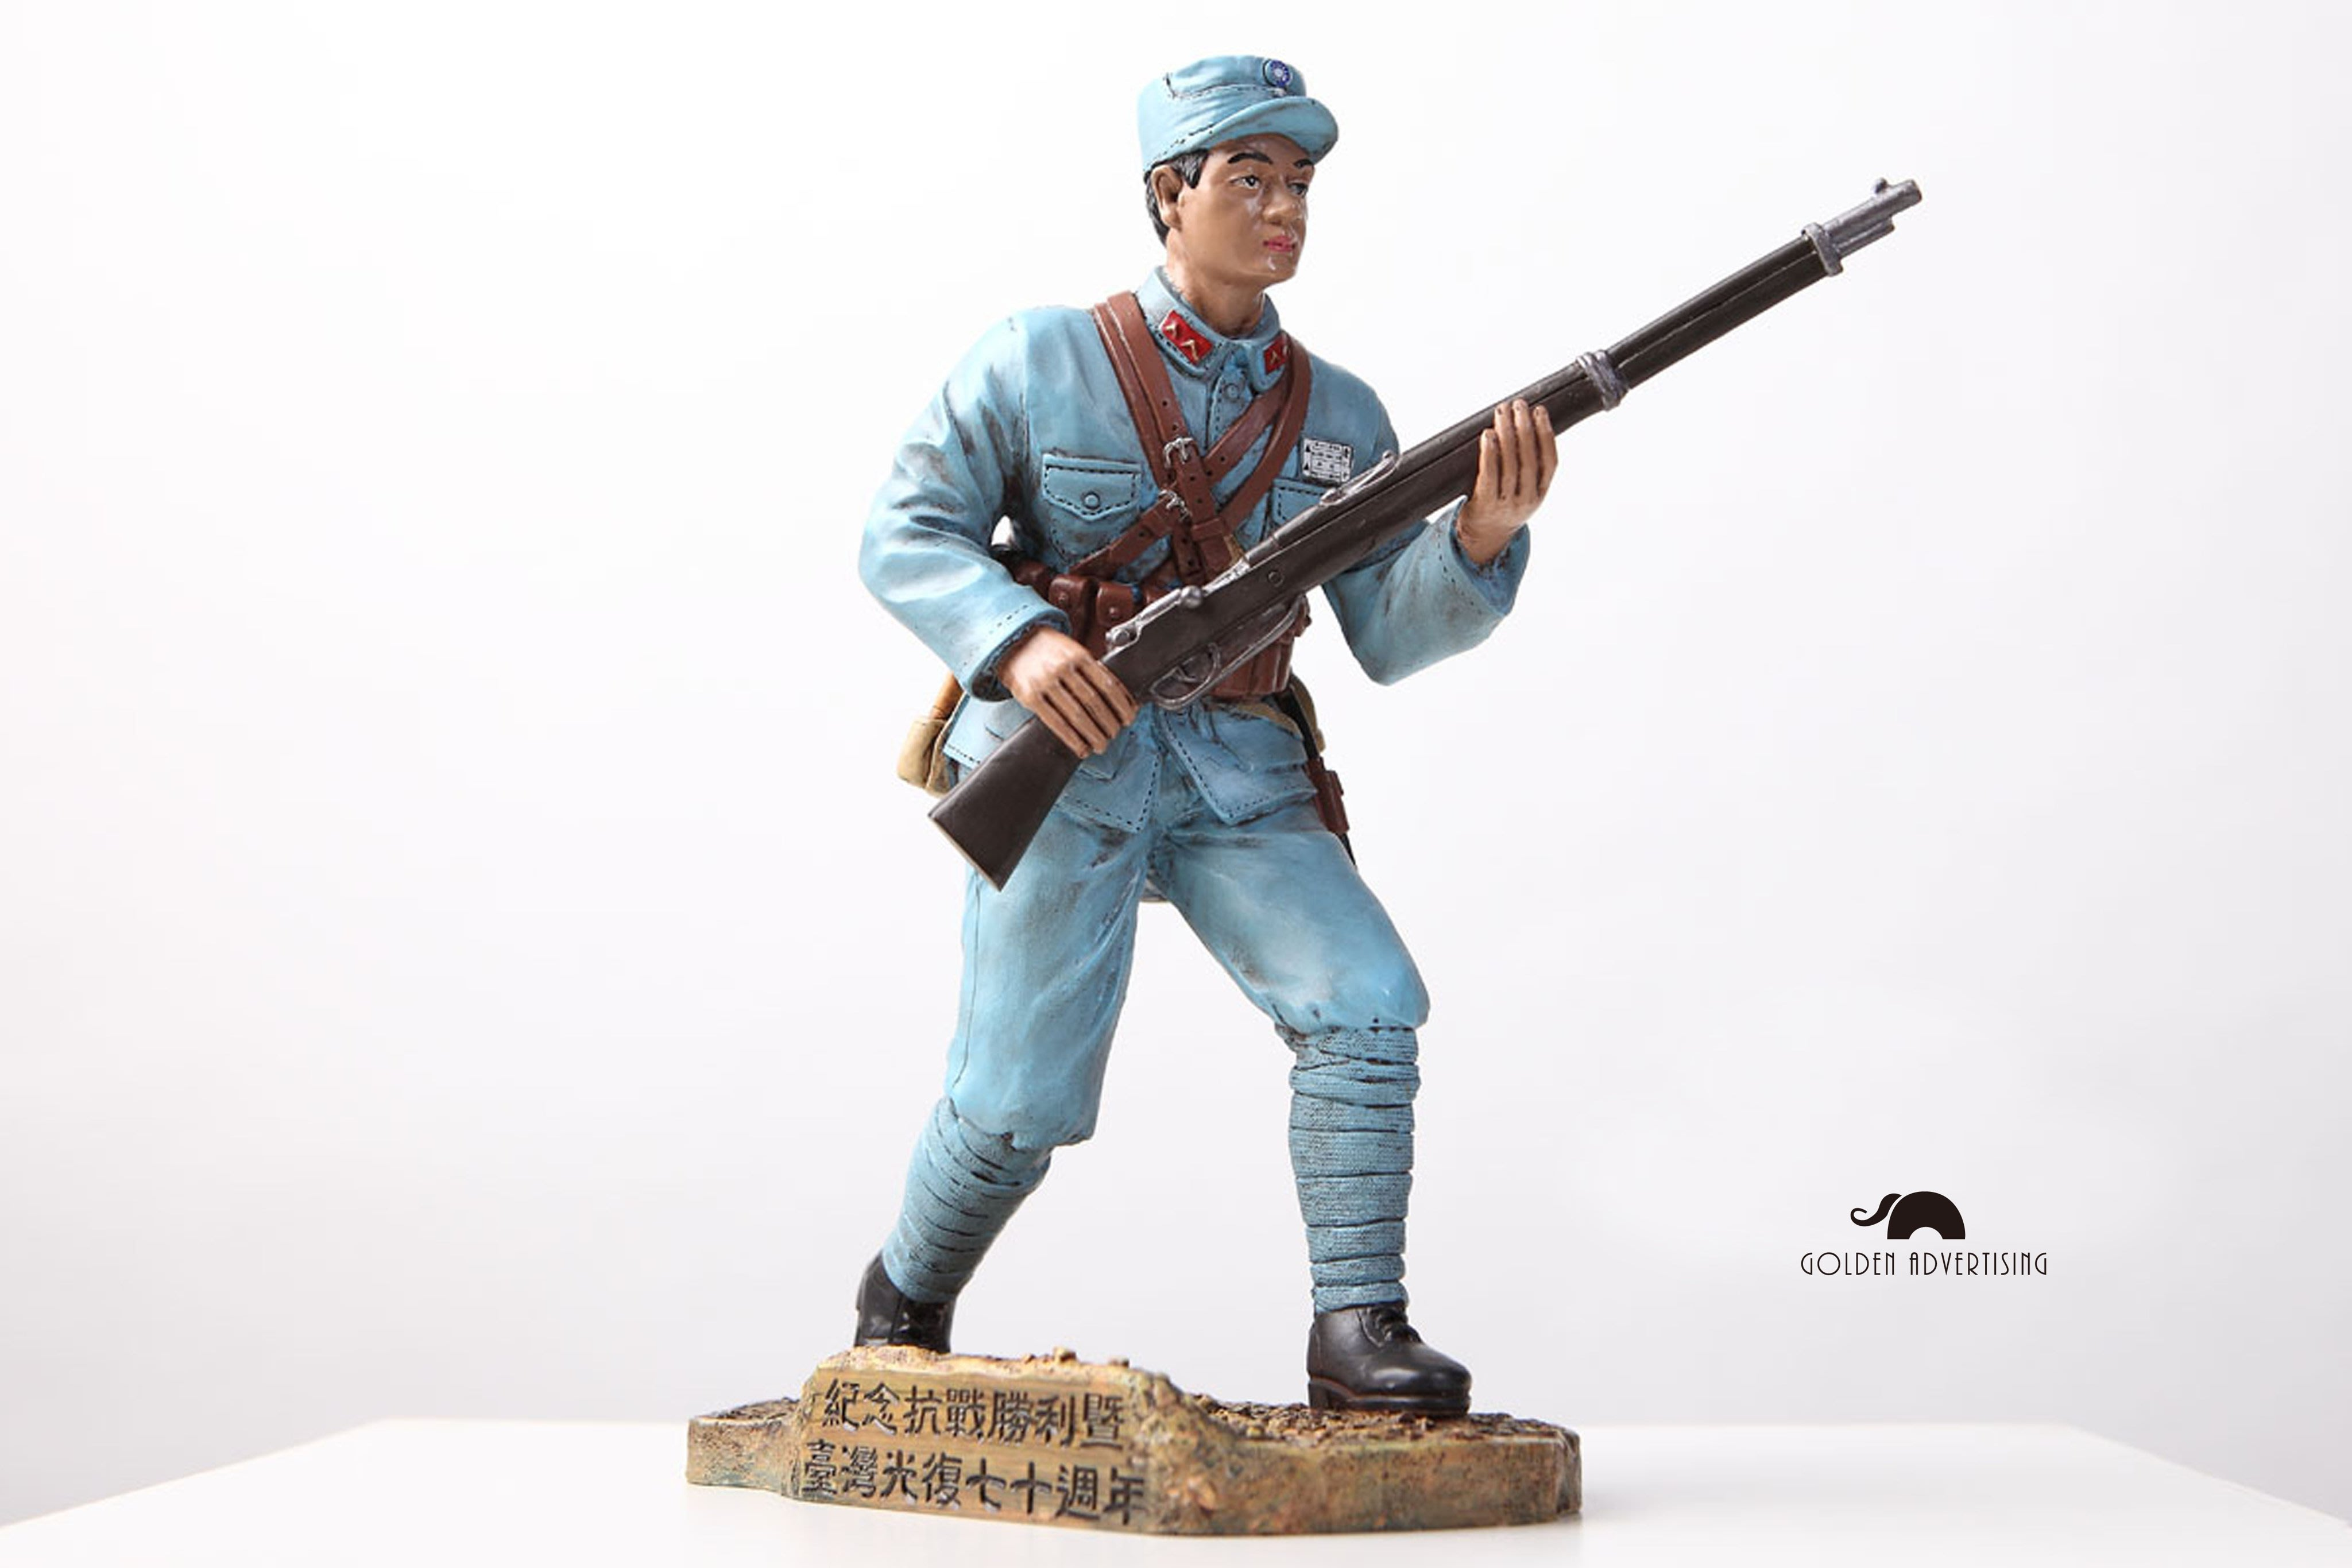 【GEToy】「國軍抗戰部隊」1/9 比例全身雕像公仔